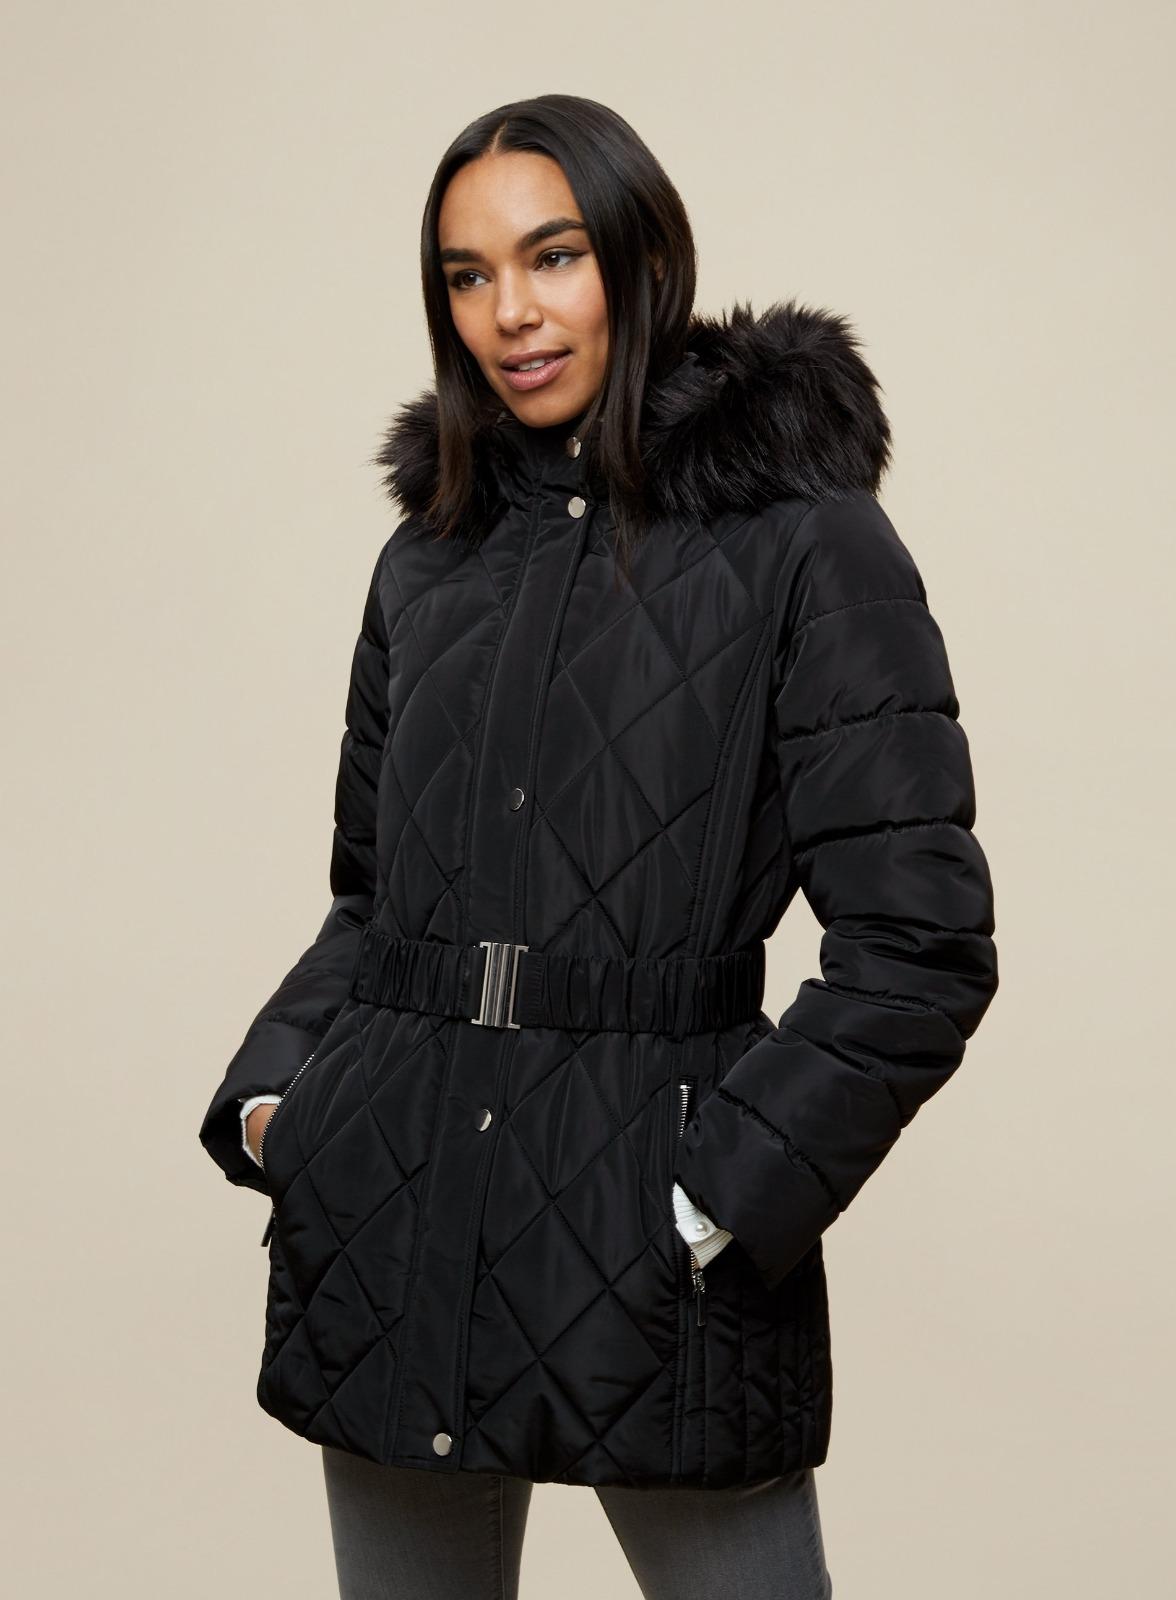 miniature 23 - DP Femme Noir Hiver Court Fourrure Veste Matelassée Manteau Taille 8 10 12 14 16 18